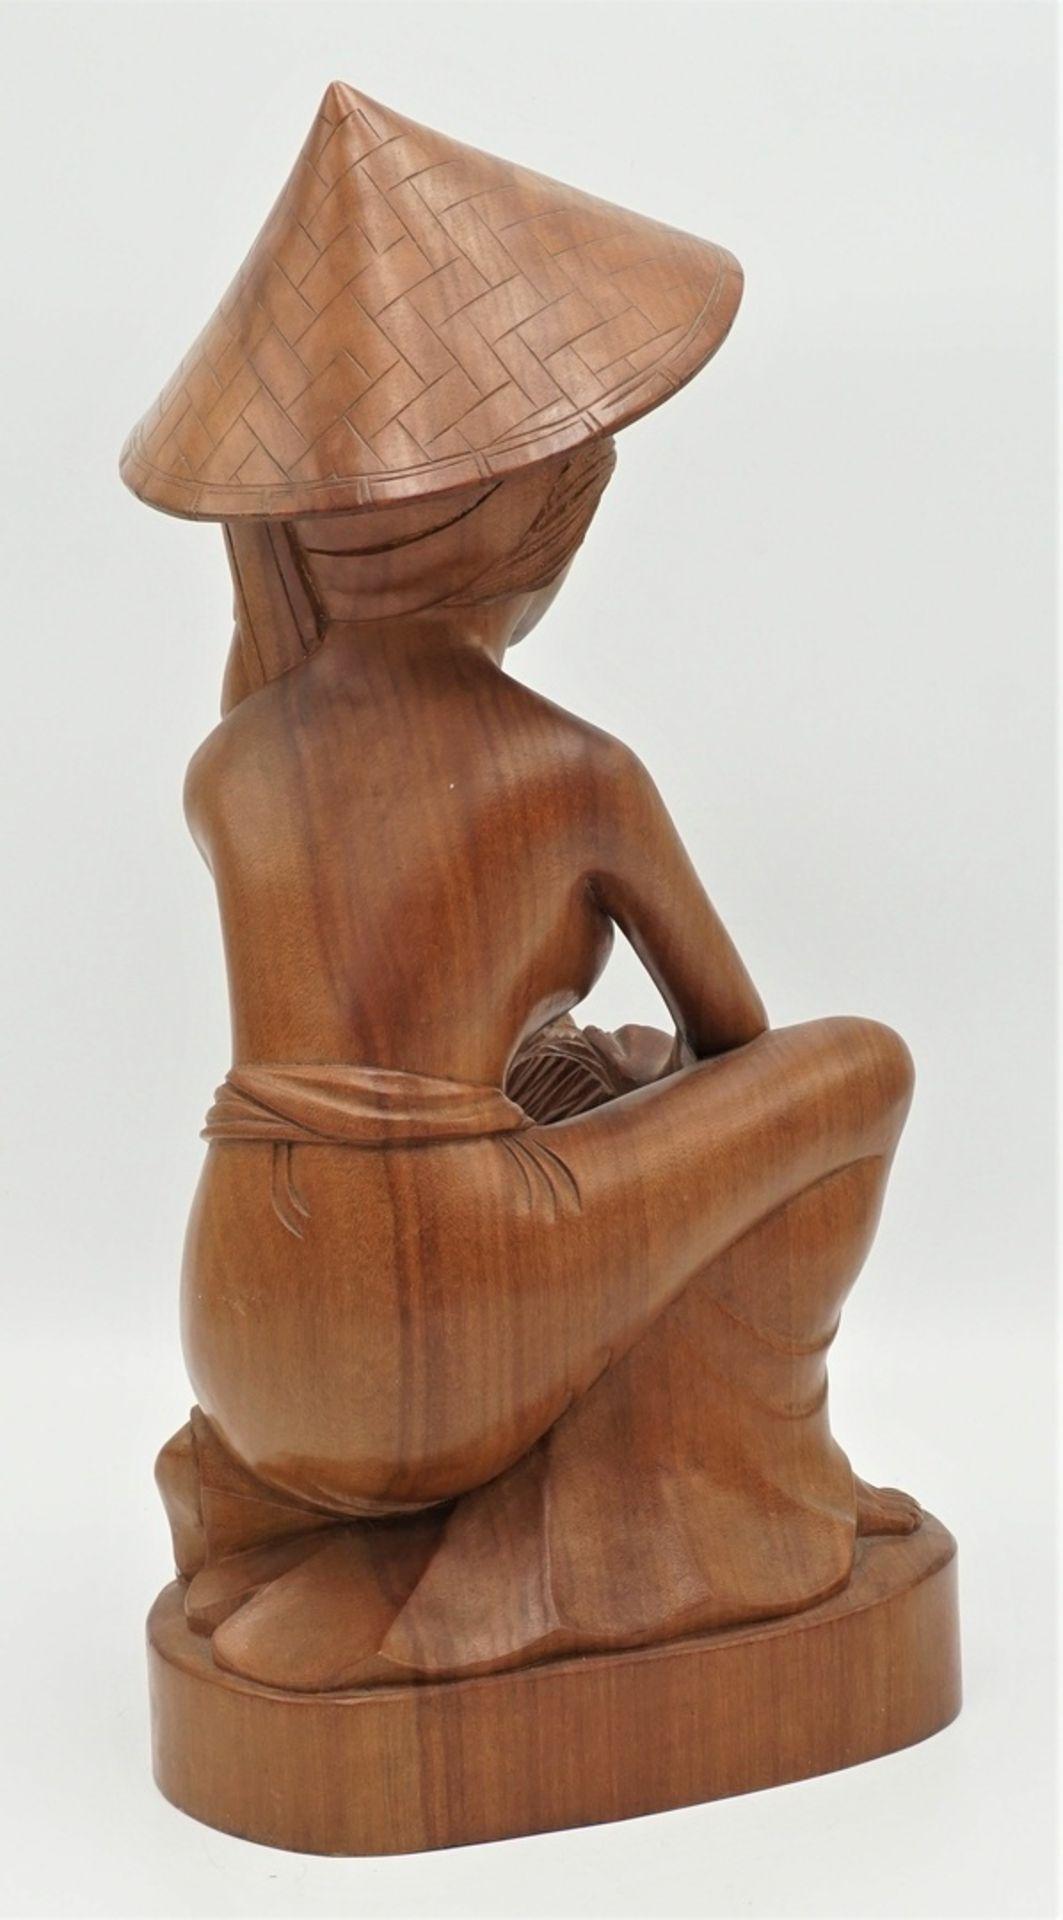 Barbusige Frau bei der Reisernte, Indonesien, 2. Hälfte 20. Jh. - Bild 3 aus 5